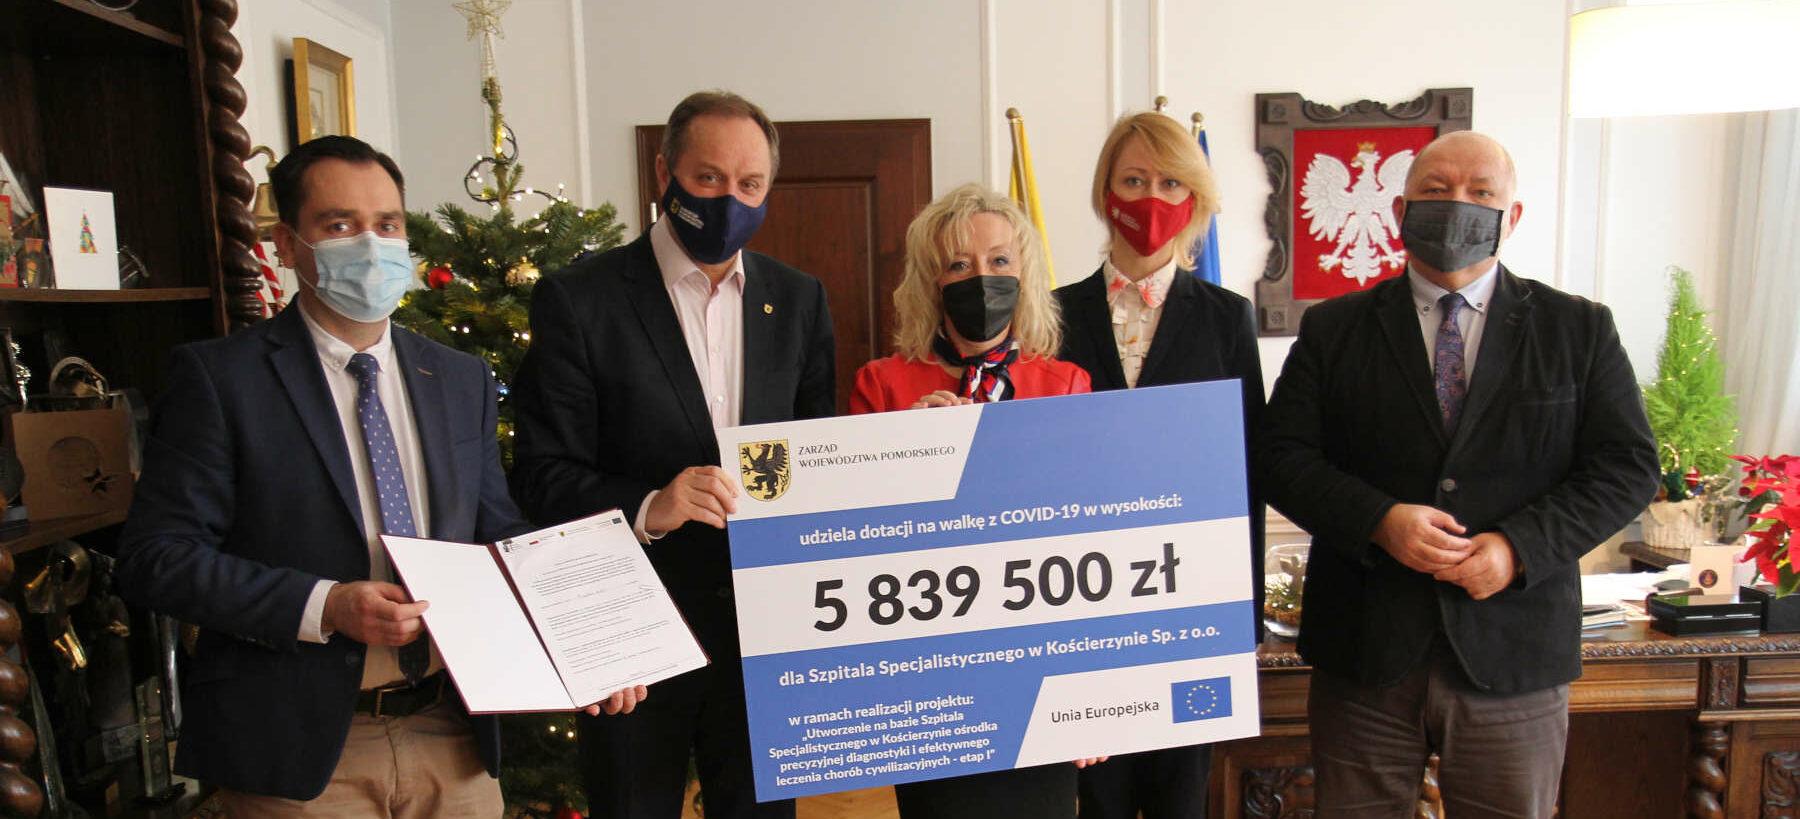 Prawie 17 mln zł dla szpitali na walkę z COVID-19. Dodatkowe środki dostaną Słupsk, Kościerzyna i Sopot